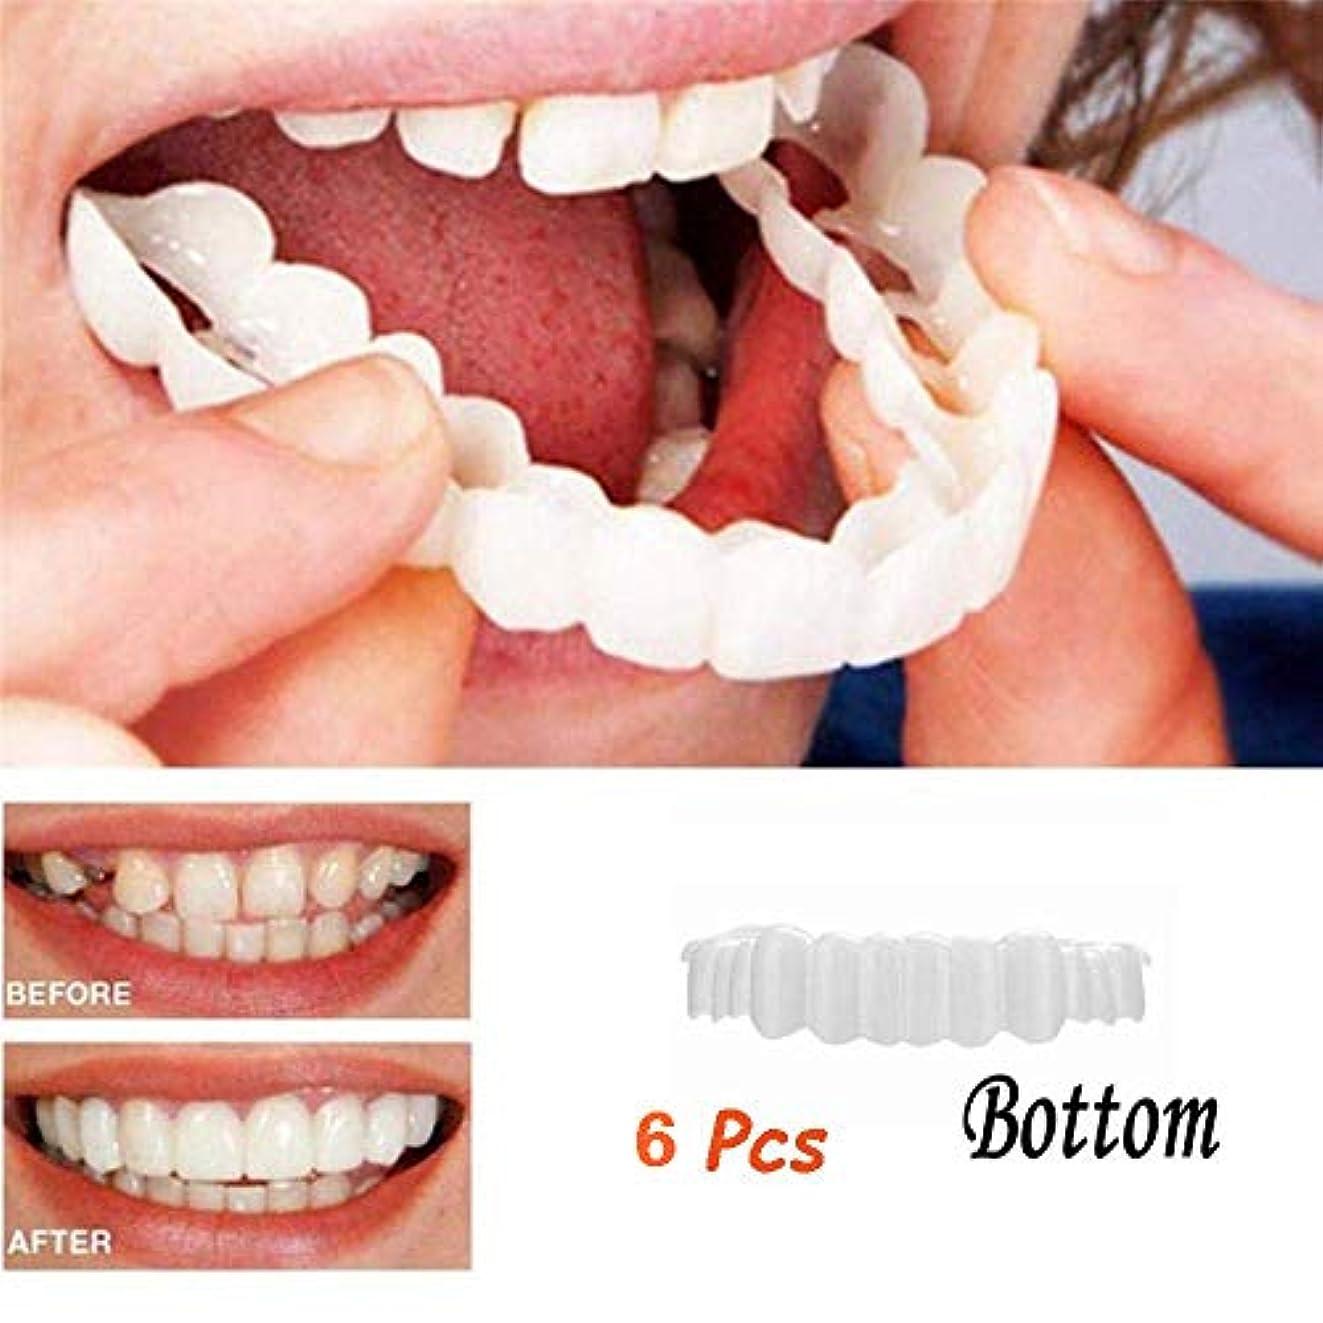 チューインガム陰気超える6本底化粧品の歯の快適さフィットフレックス化粧品の歯義歯歯低歯のホワイトニングスナップオンインスタント笑顔サイズフィット